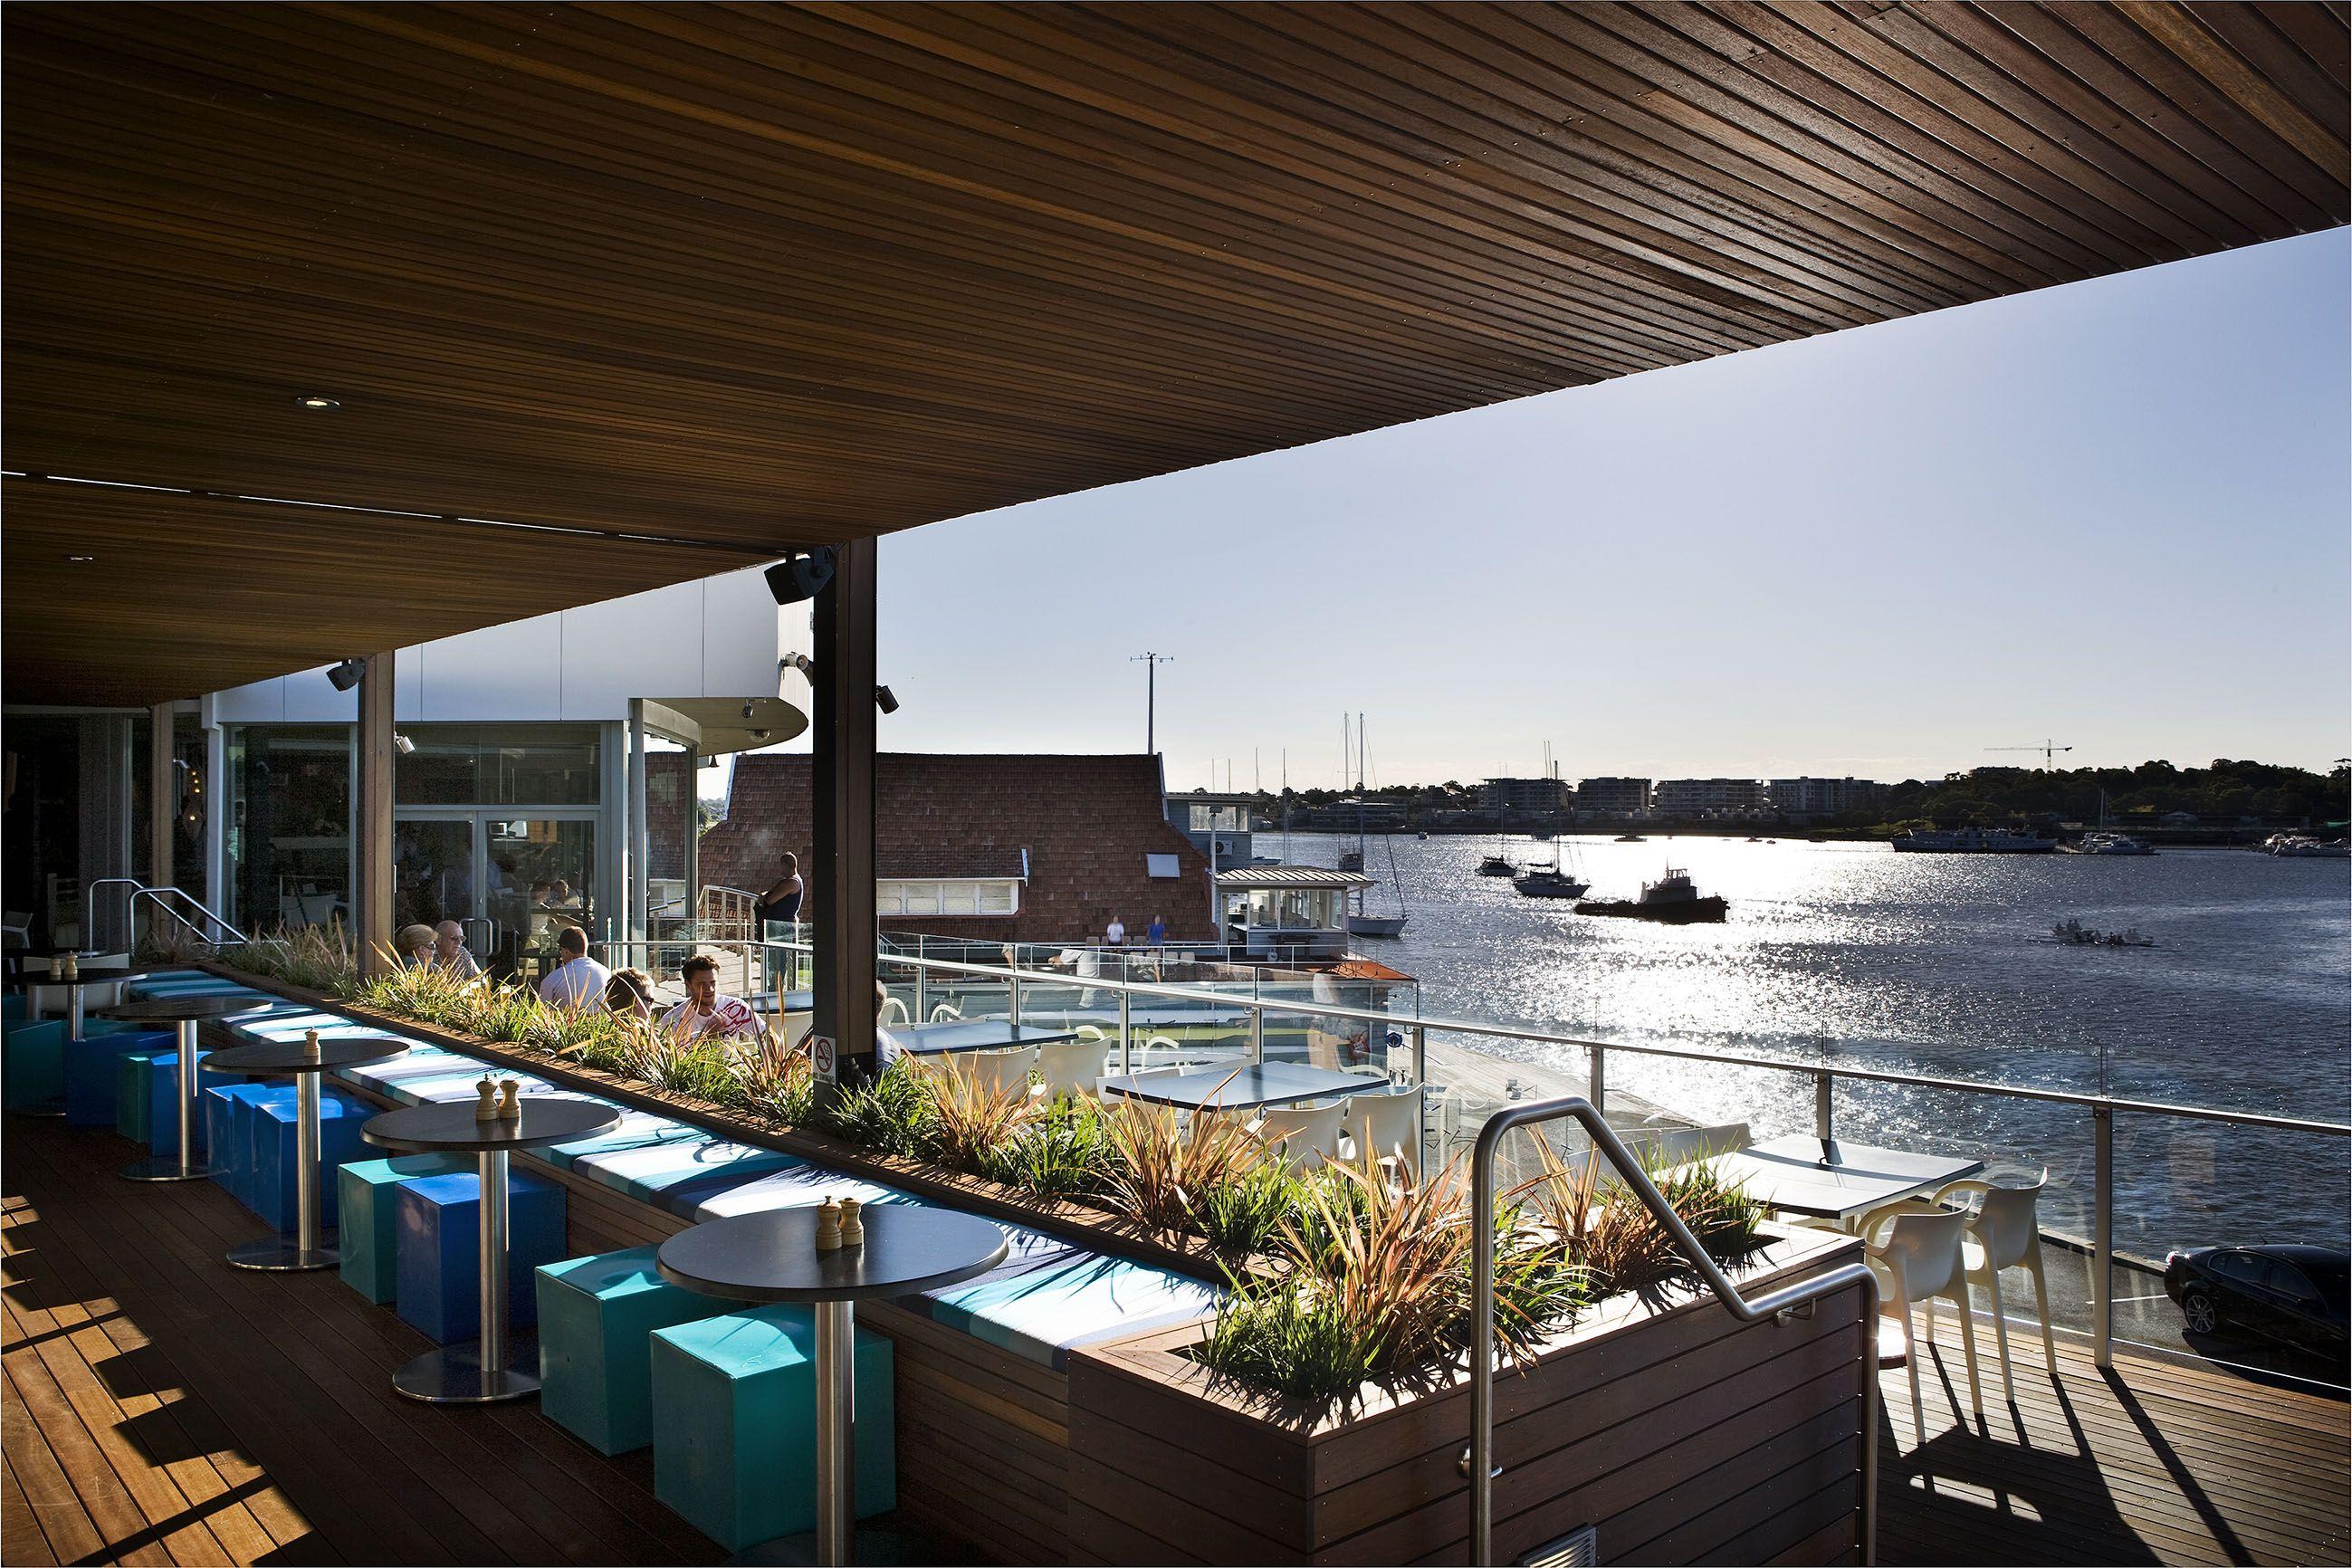 Sydney Rowing Club Restaurants